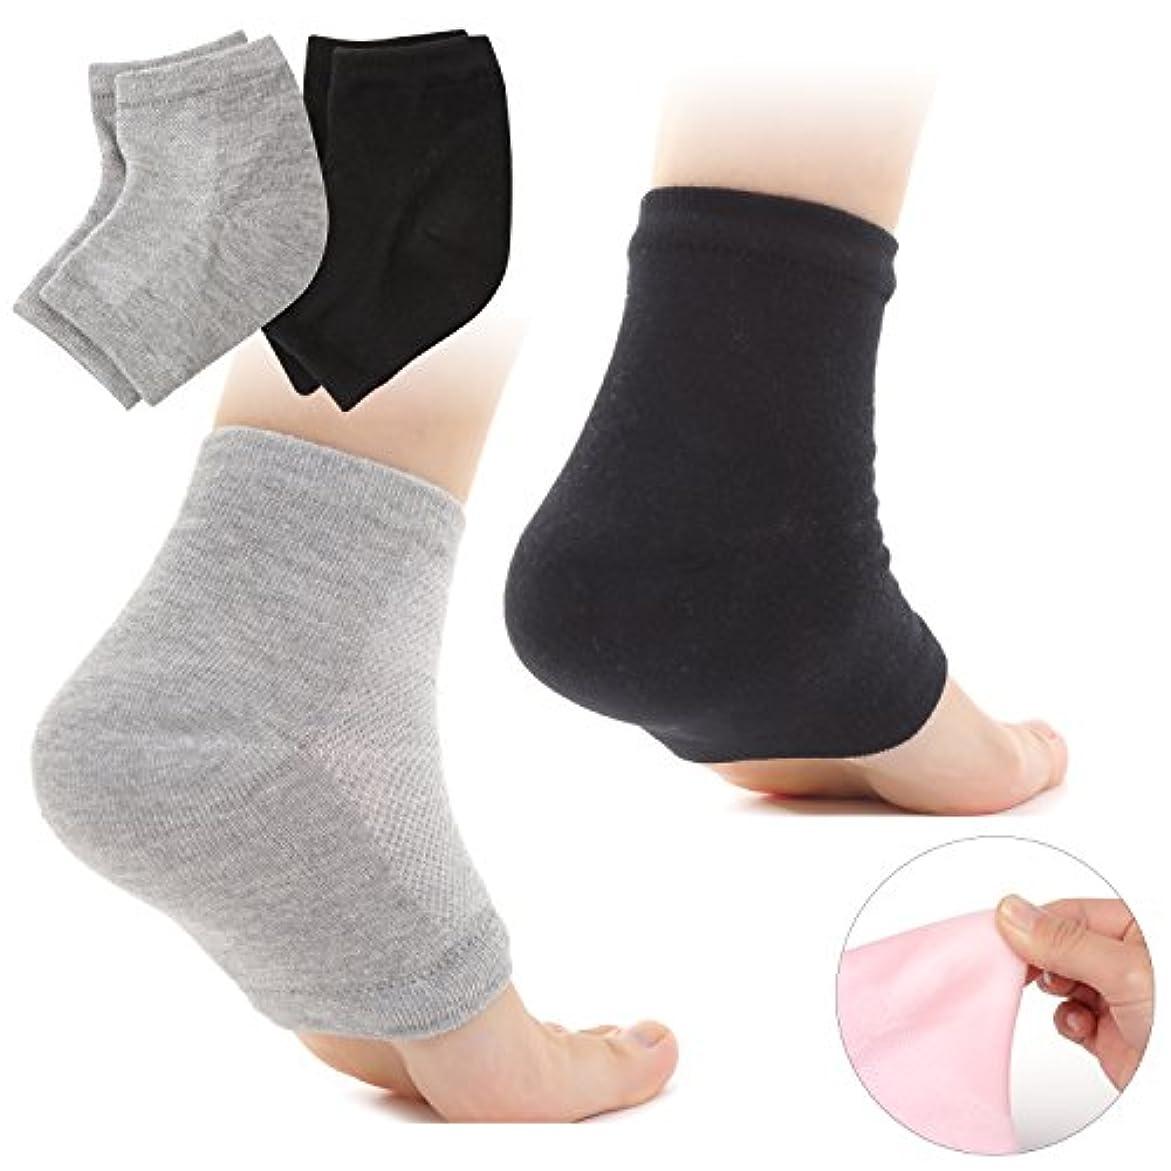 肉腫与える配管Muiles かかと 靴下 ソックス 角質取り 保湿 ひび割れ かかとケア レディース メンズ 男女兼用【1足~3足】(2足セット グレー、ブラック)